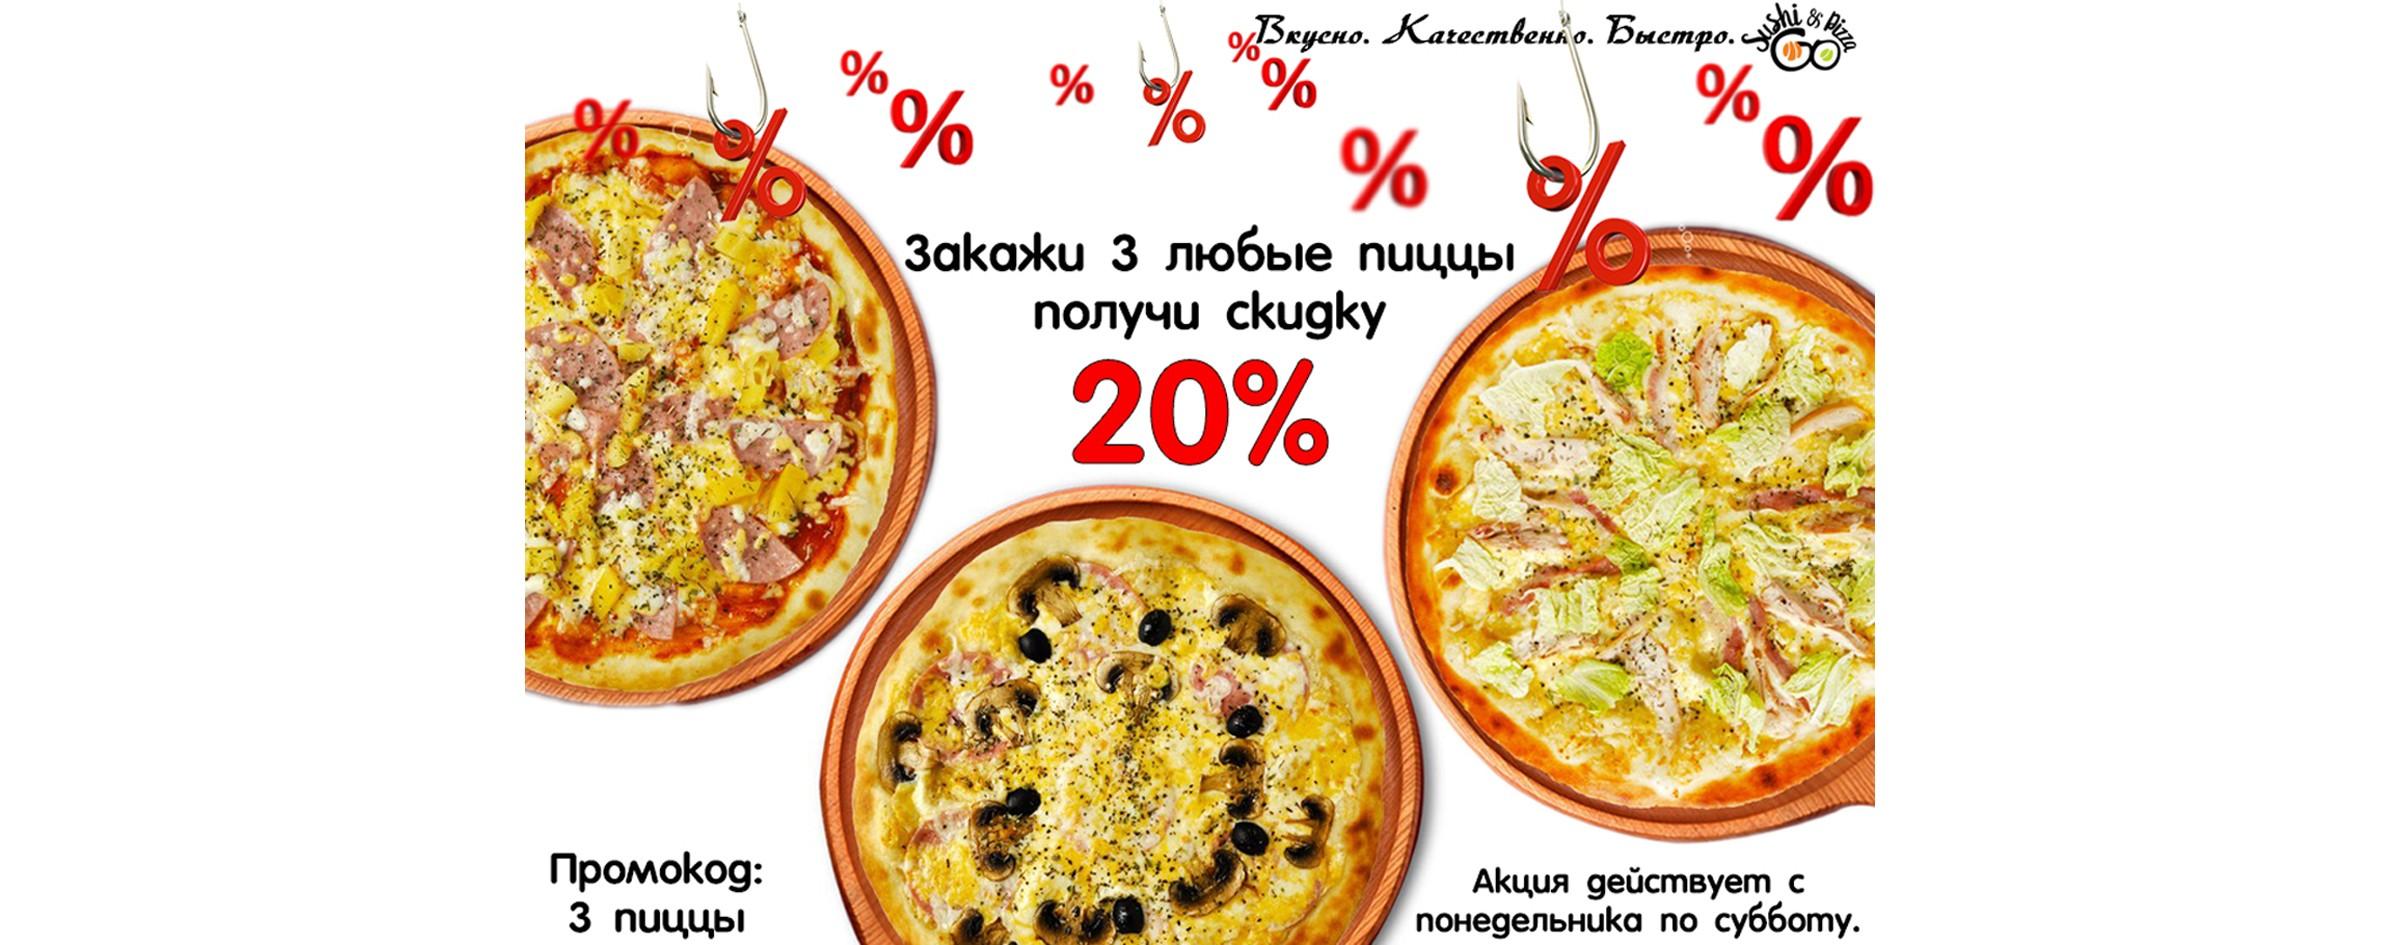 Акция! Закажи 3 любых пиццы и получи скидку 20%!